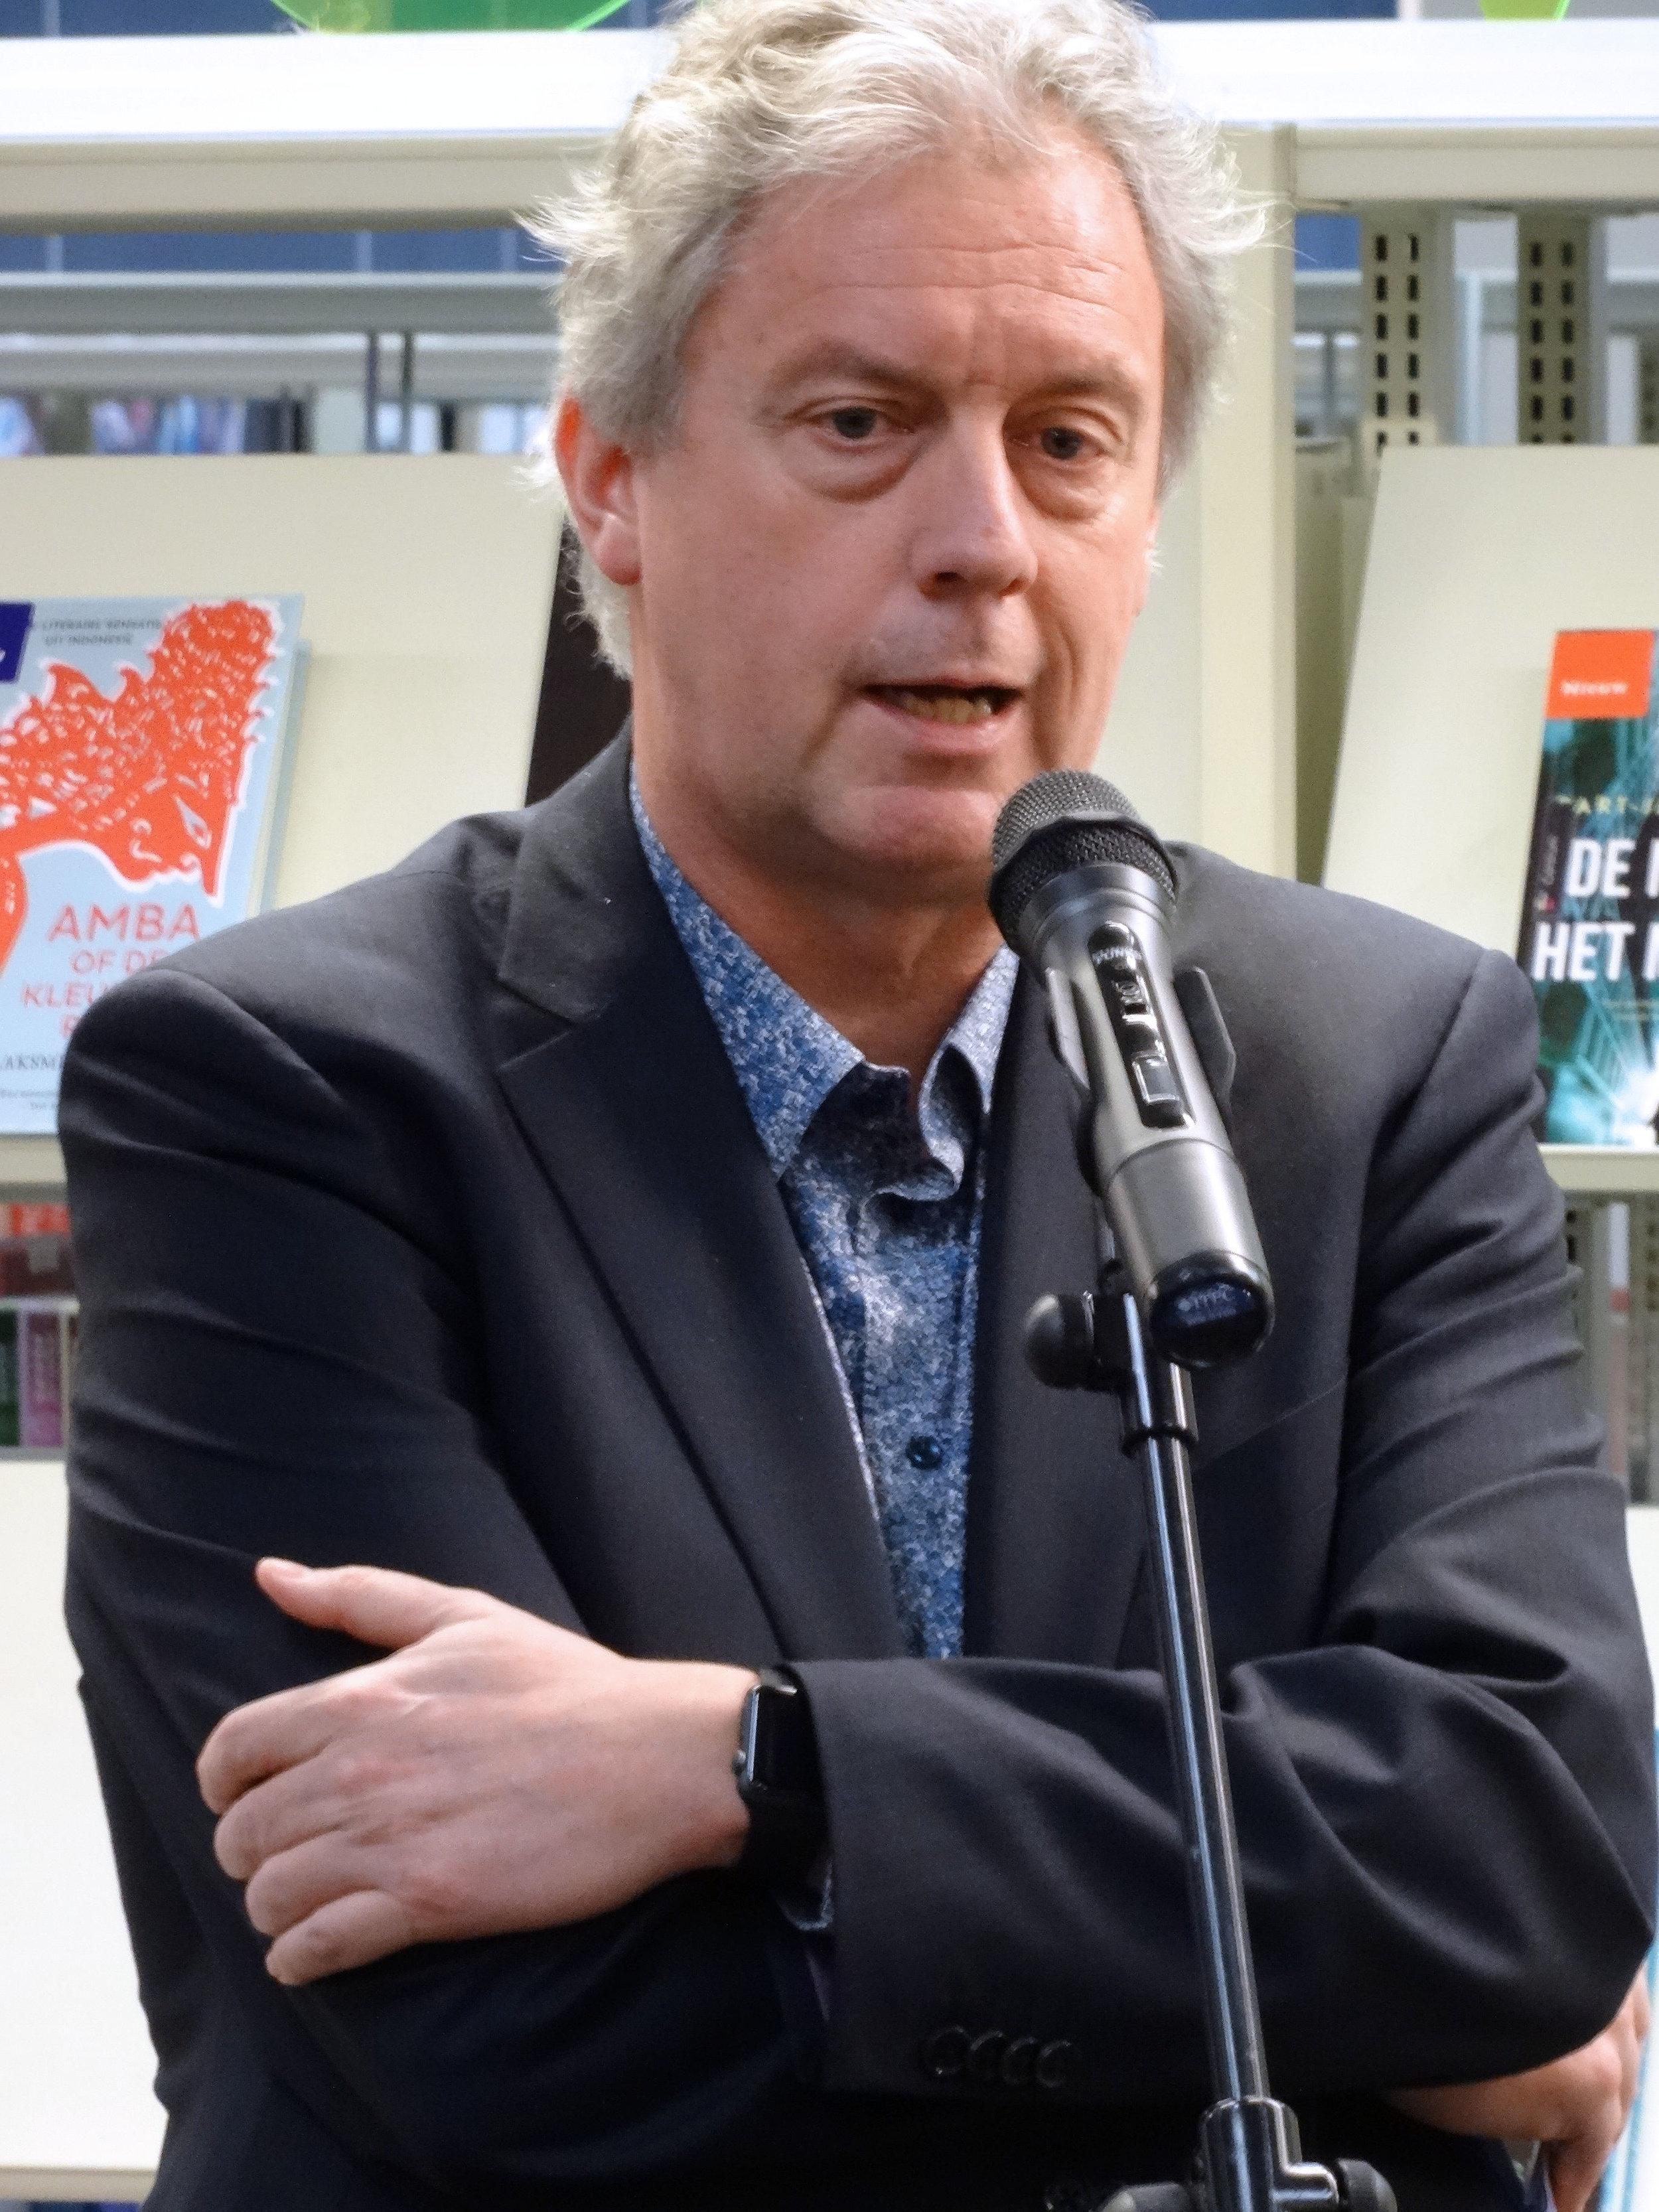 Elmer Sterken - Rector Magnificus of the University of Groningen